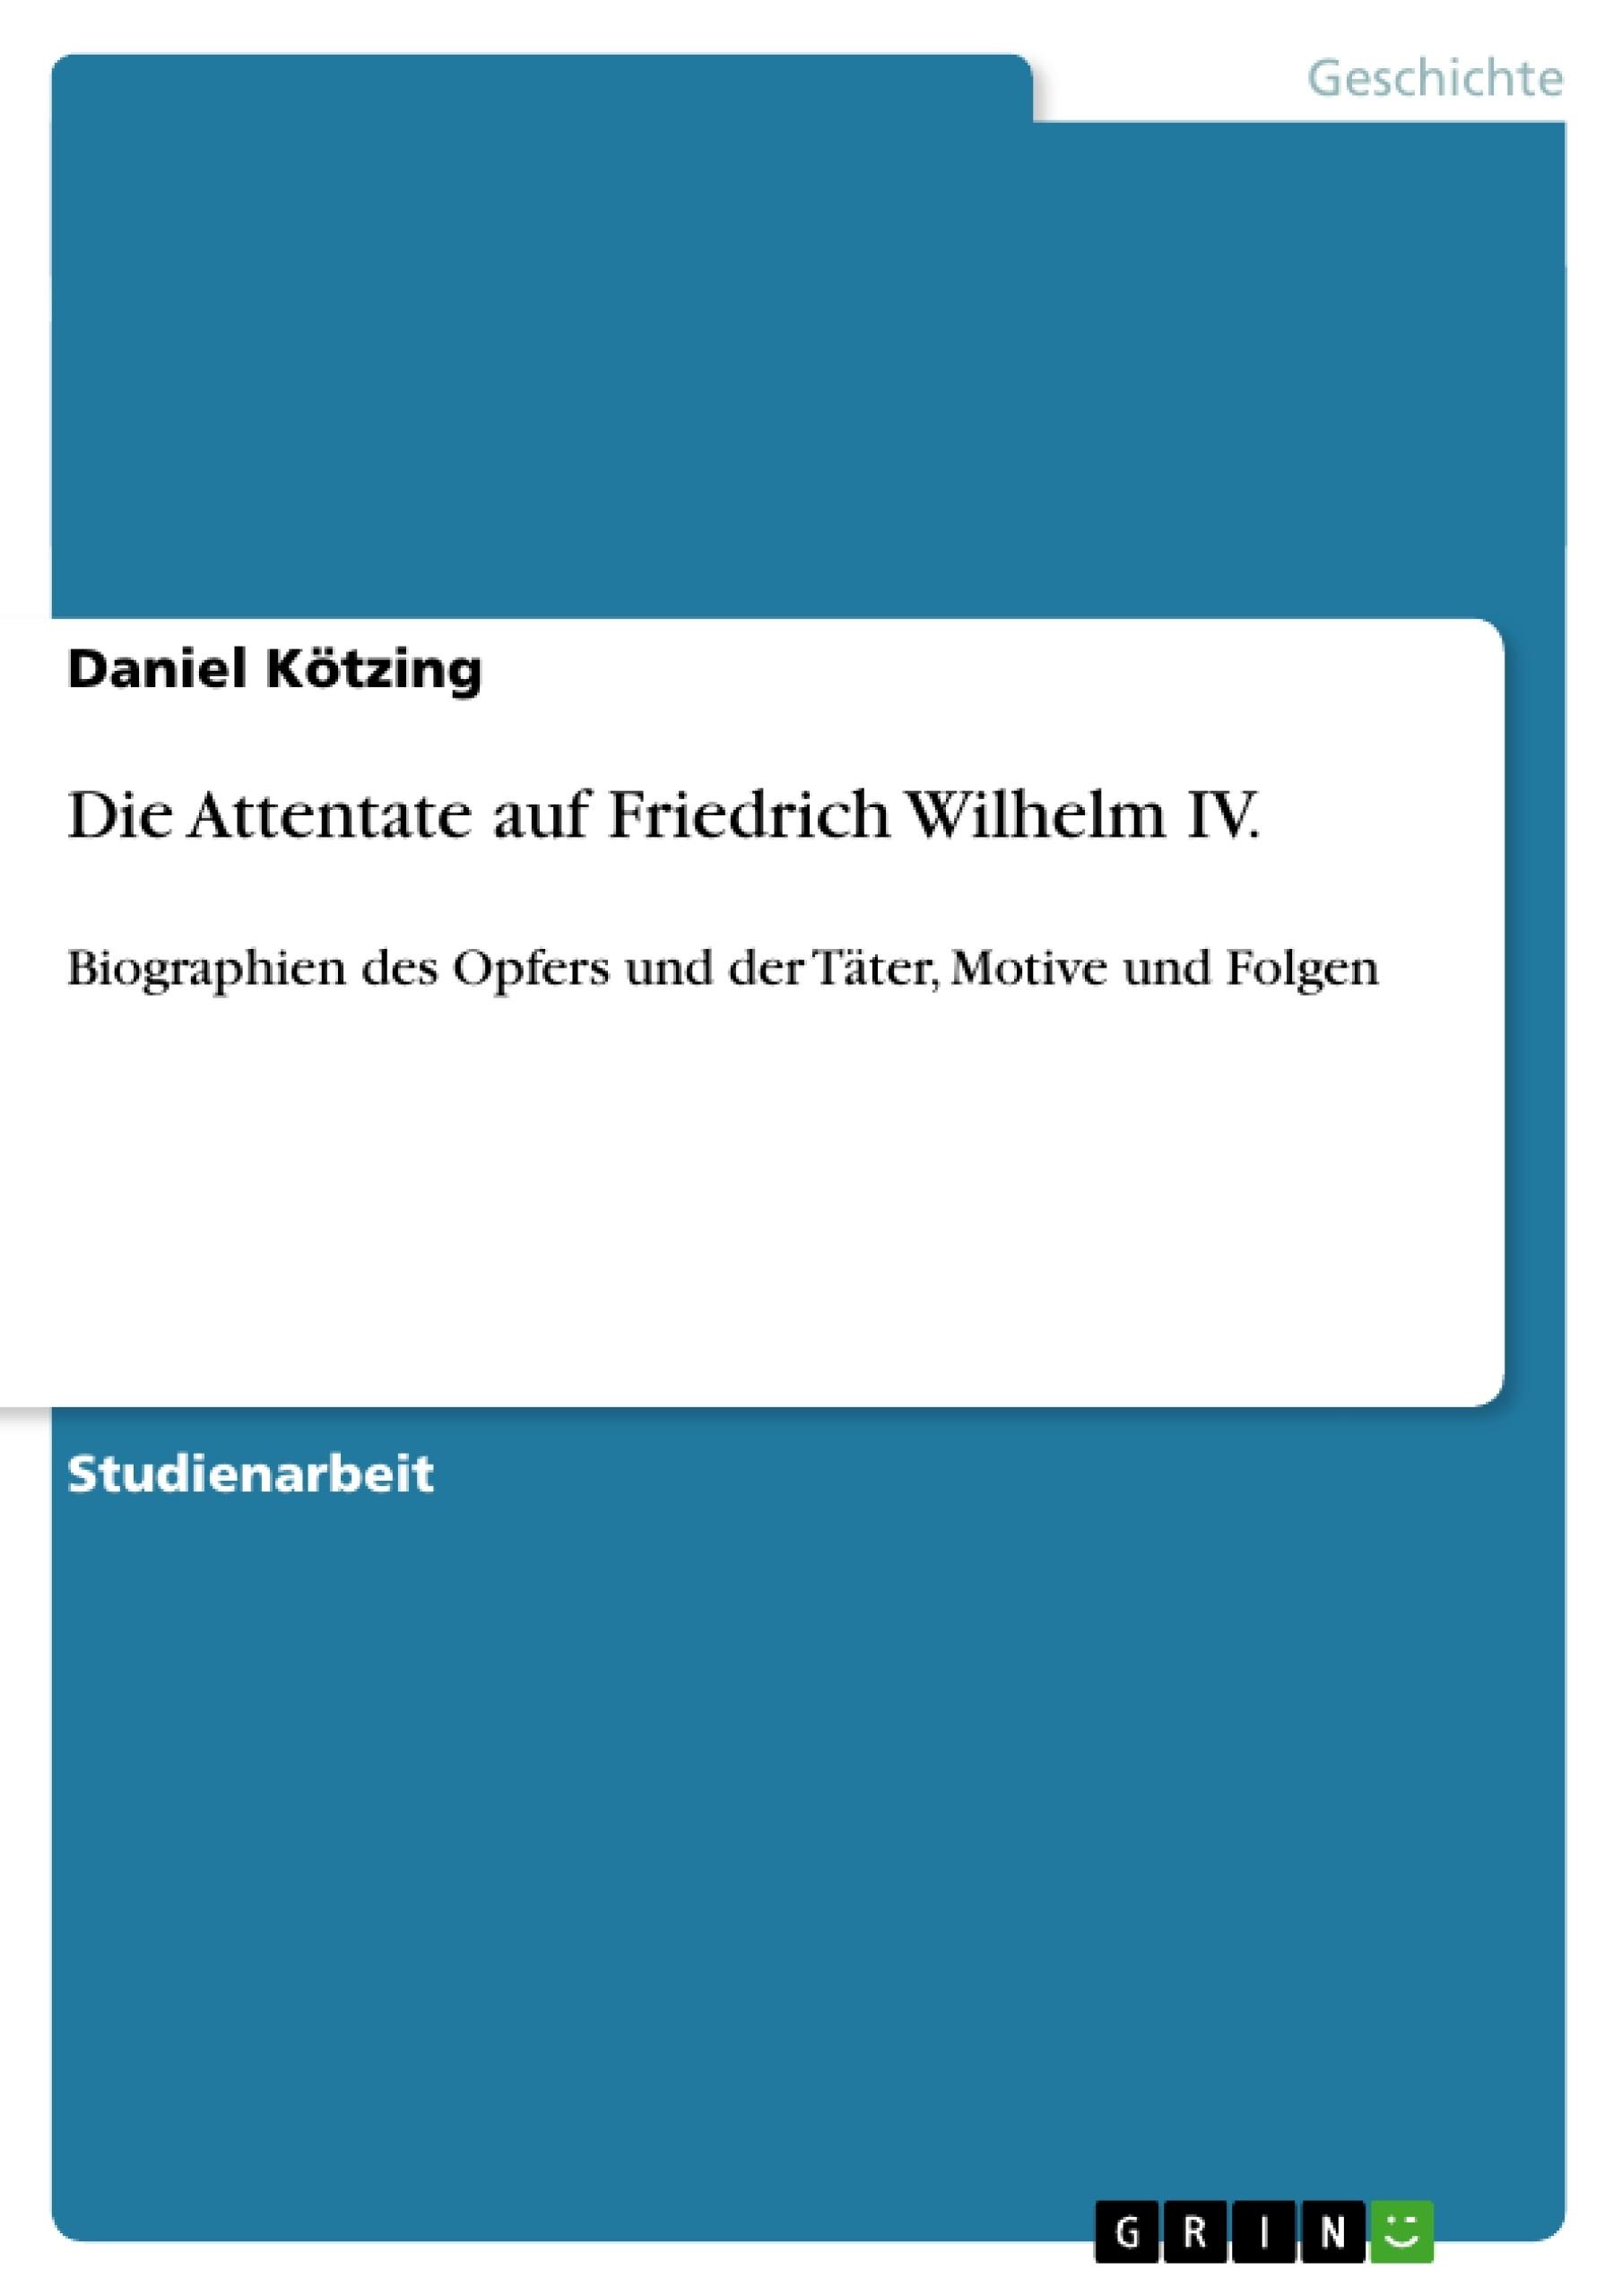 Titel: Die Attentate auf Friedrich Wilhelm IV.